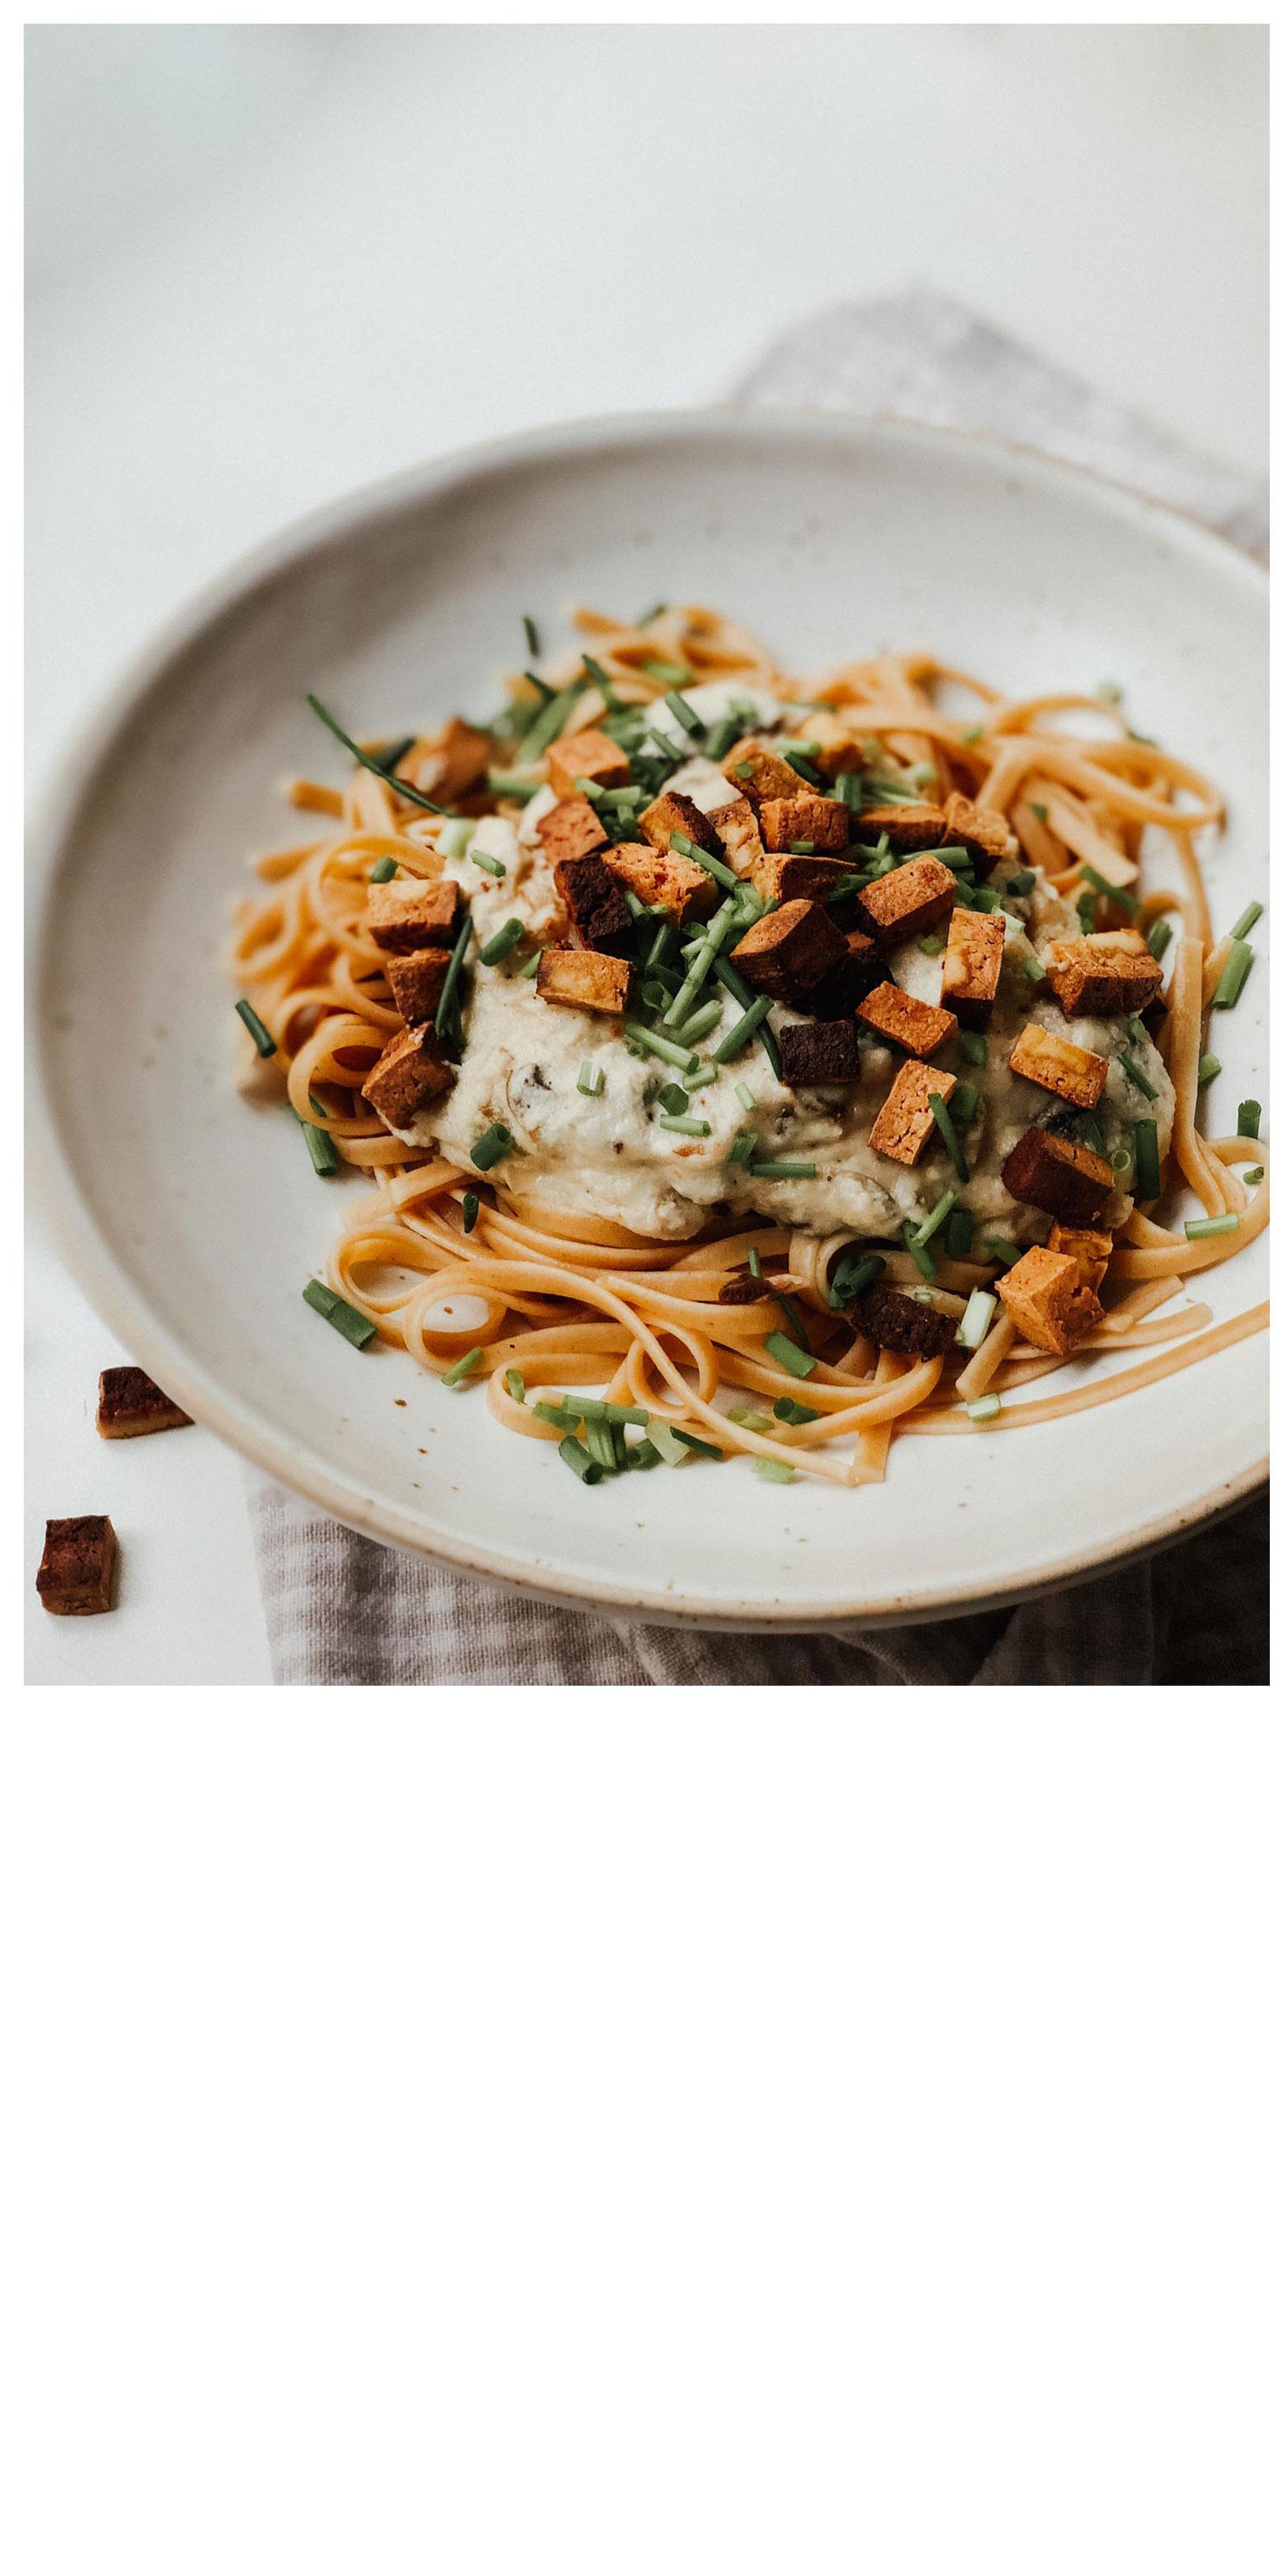 Die besten veganen Carbonara Mein absolutes Lieblingsrezept: Vegane Carbonara aus Cashews (Gnocci & Pasta Edition)